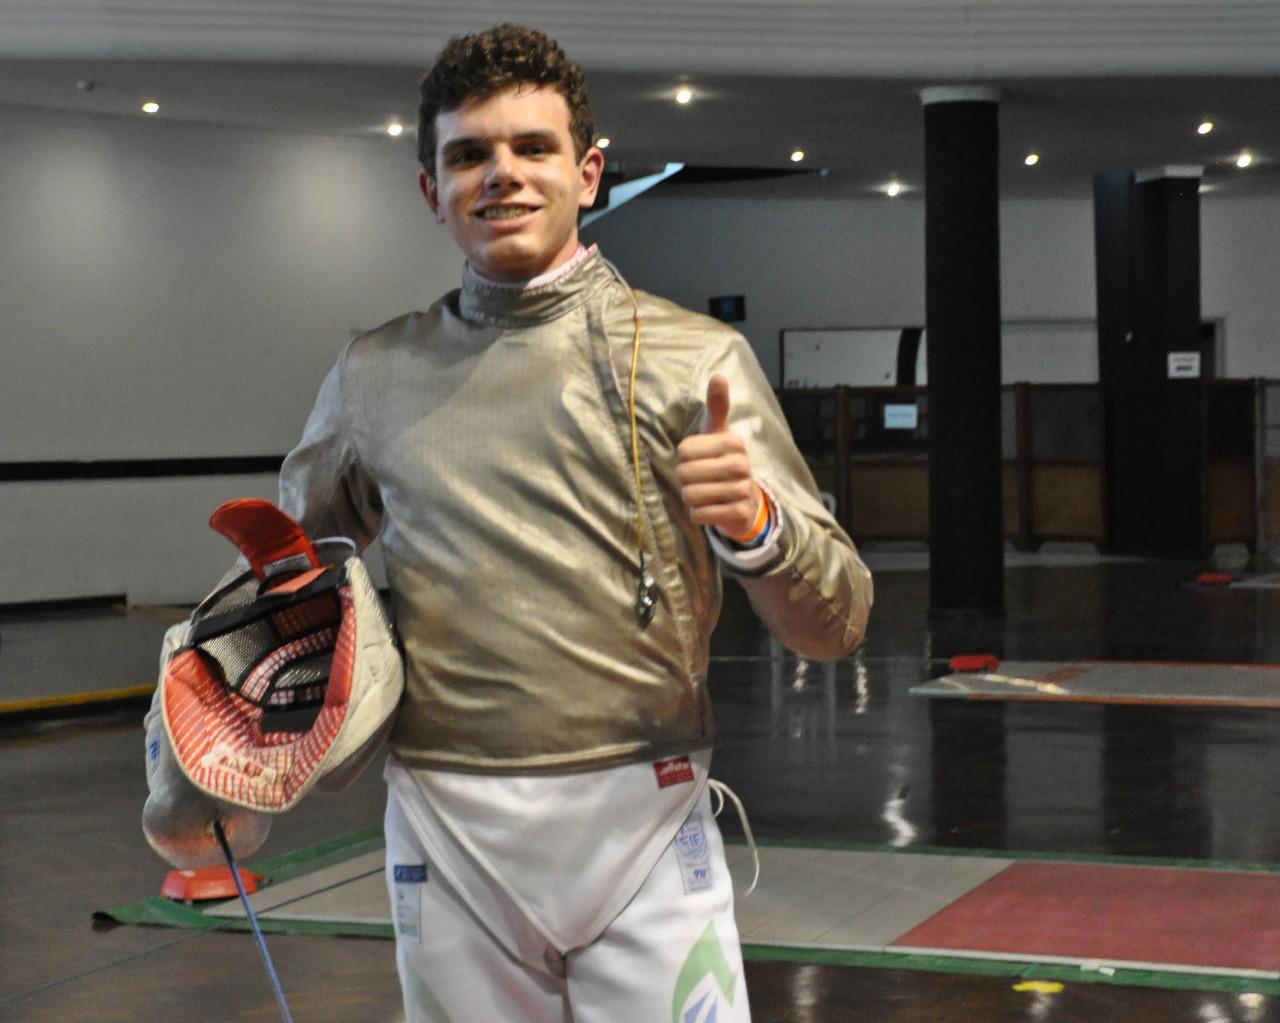 Matheus Becker vence no cadete masculino e confirma boa fase no Circuito Brasileiro